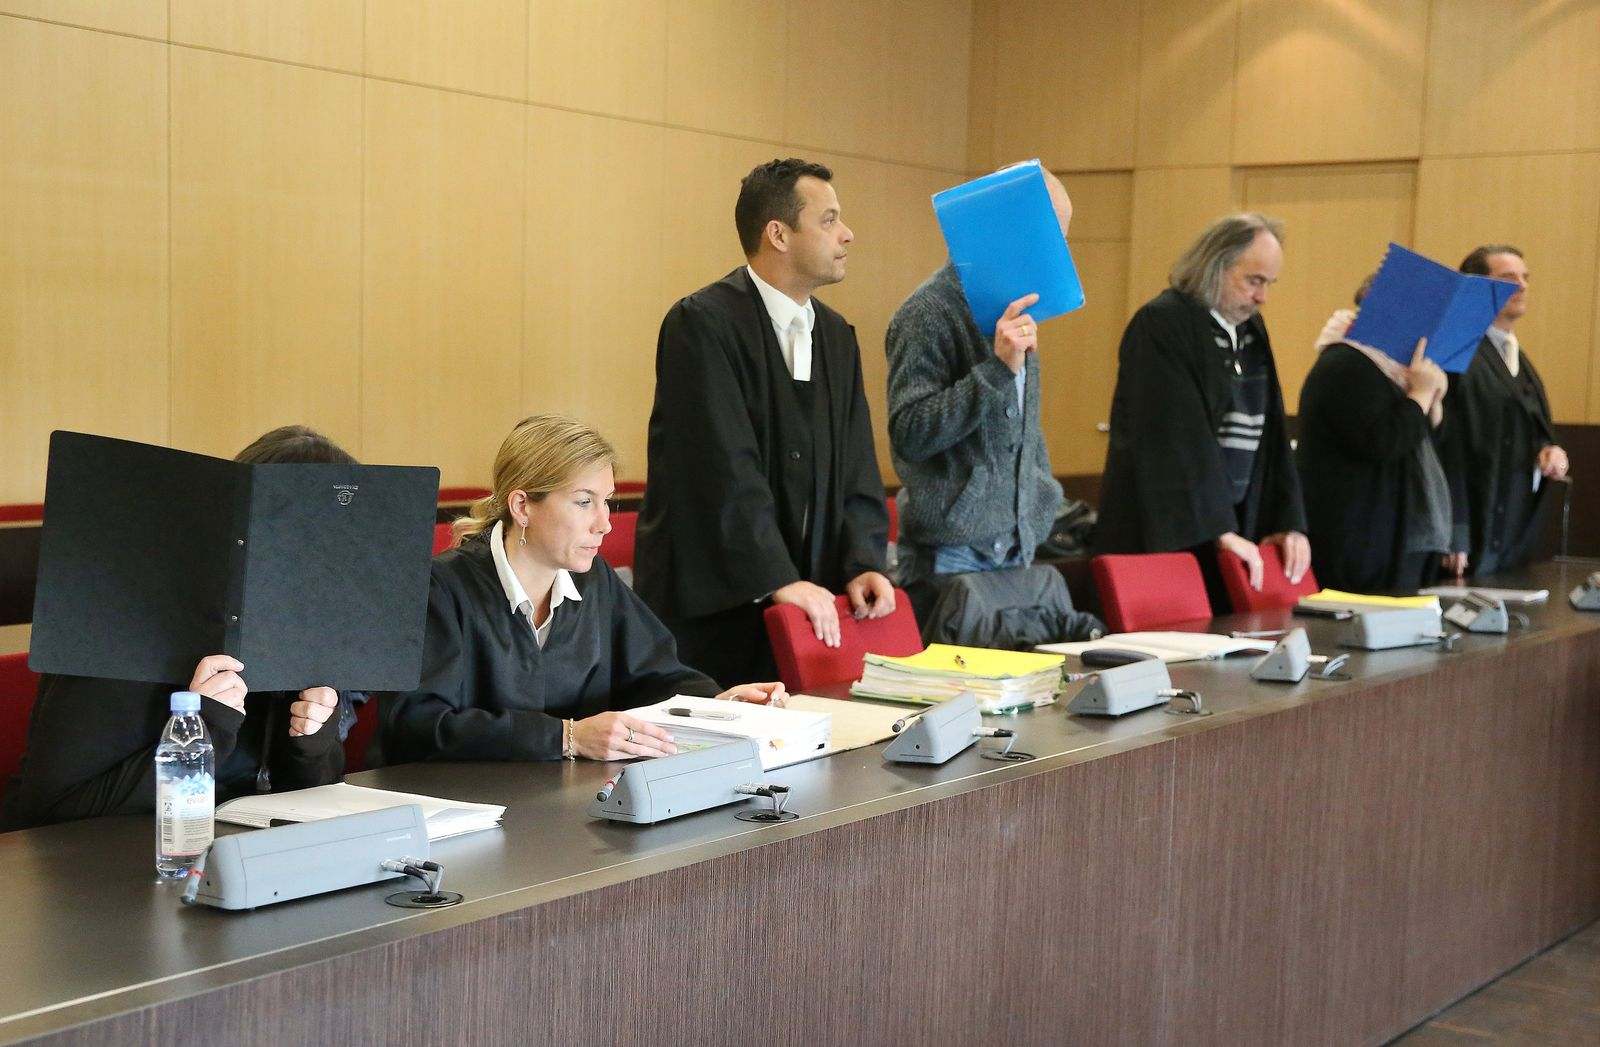 Urteile in Misshandlungsprozess um autistische Kinder erwartet